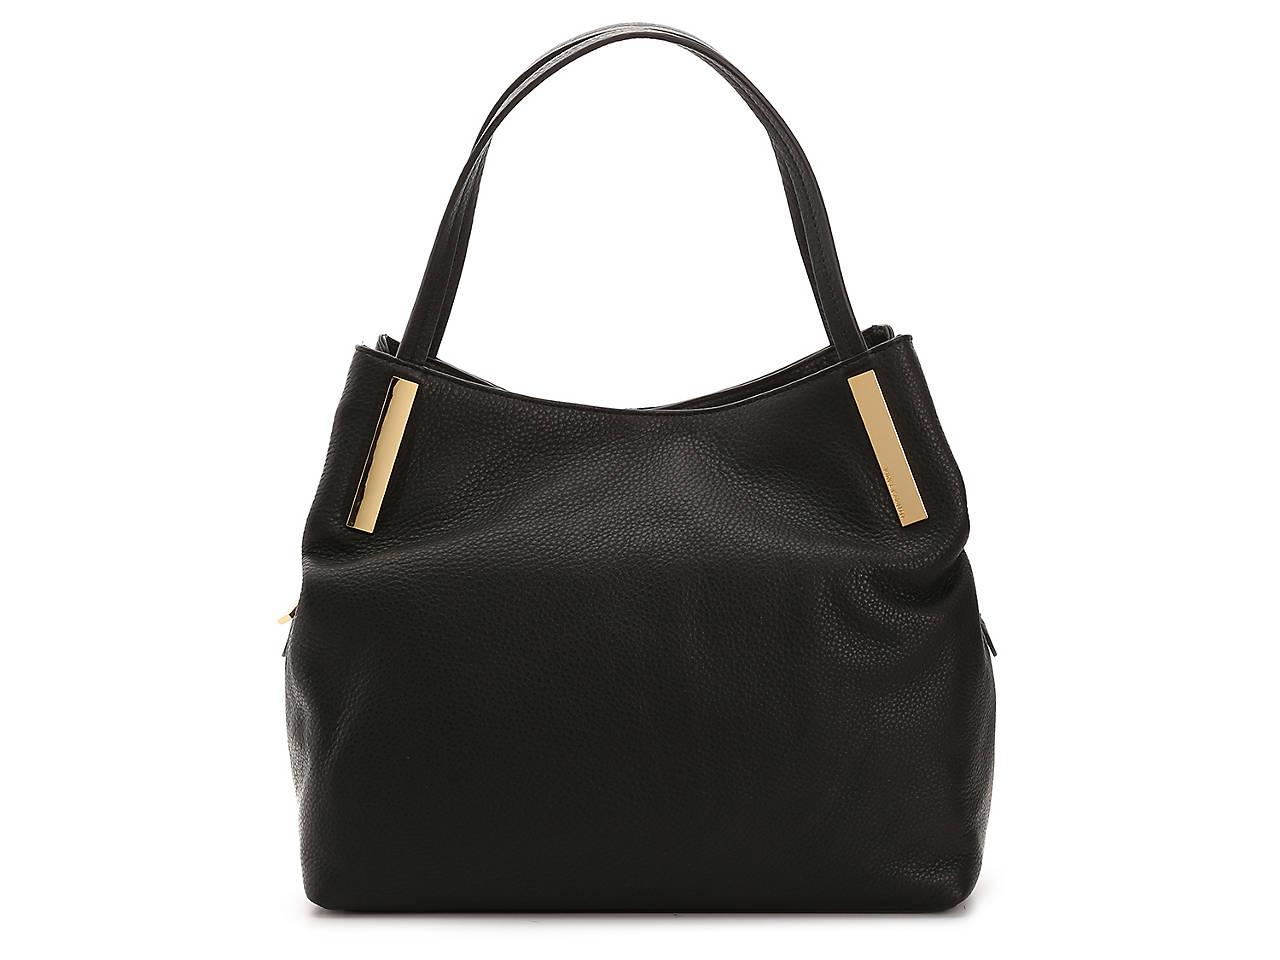 a076d8af959 Vince Camuto Teri Leather Shoulder Bag Women's Handbags ...